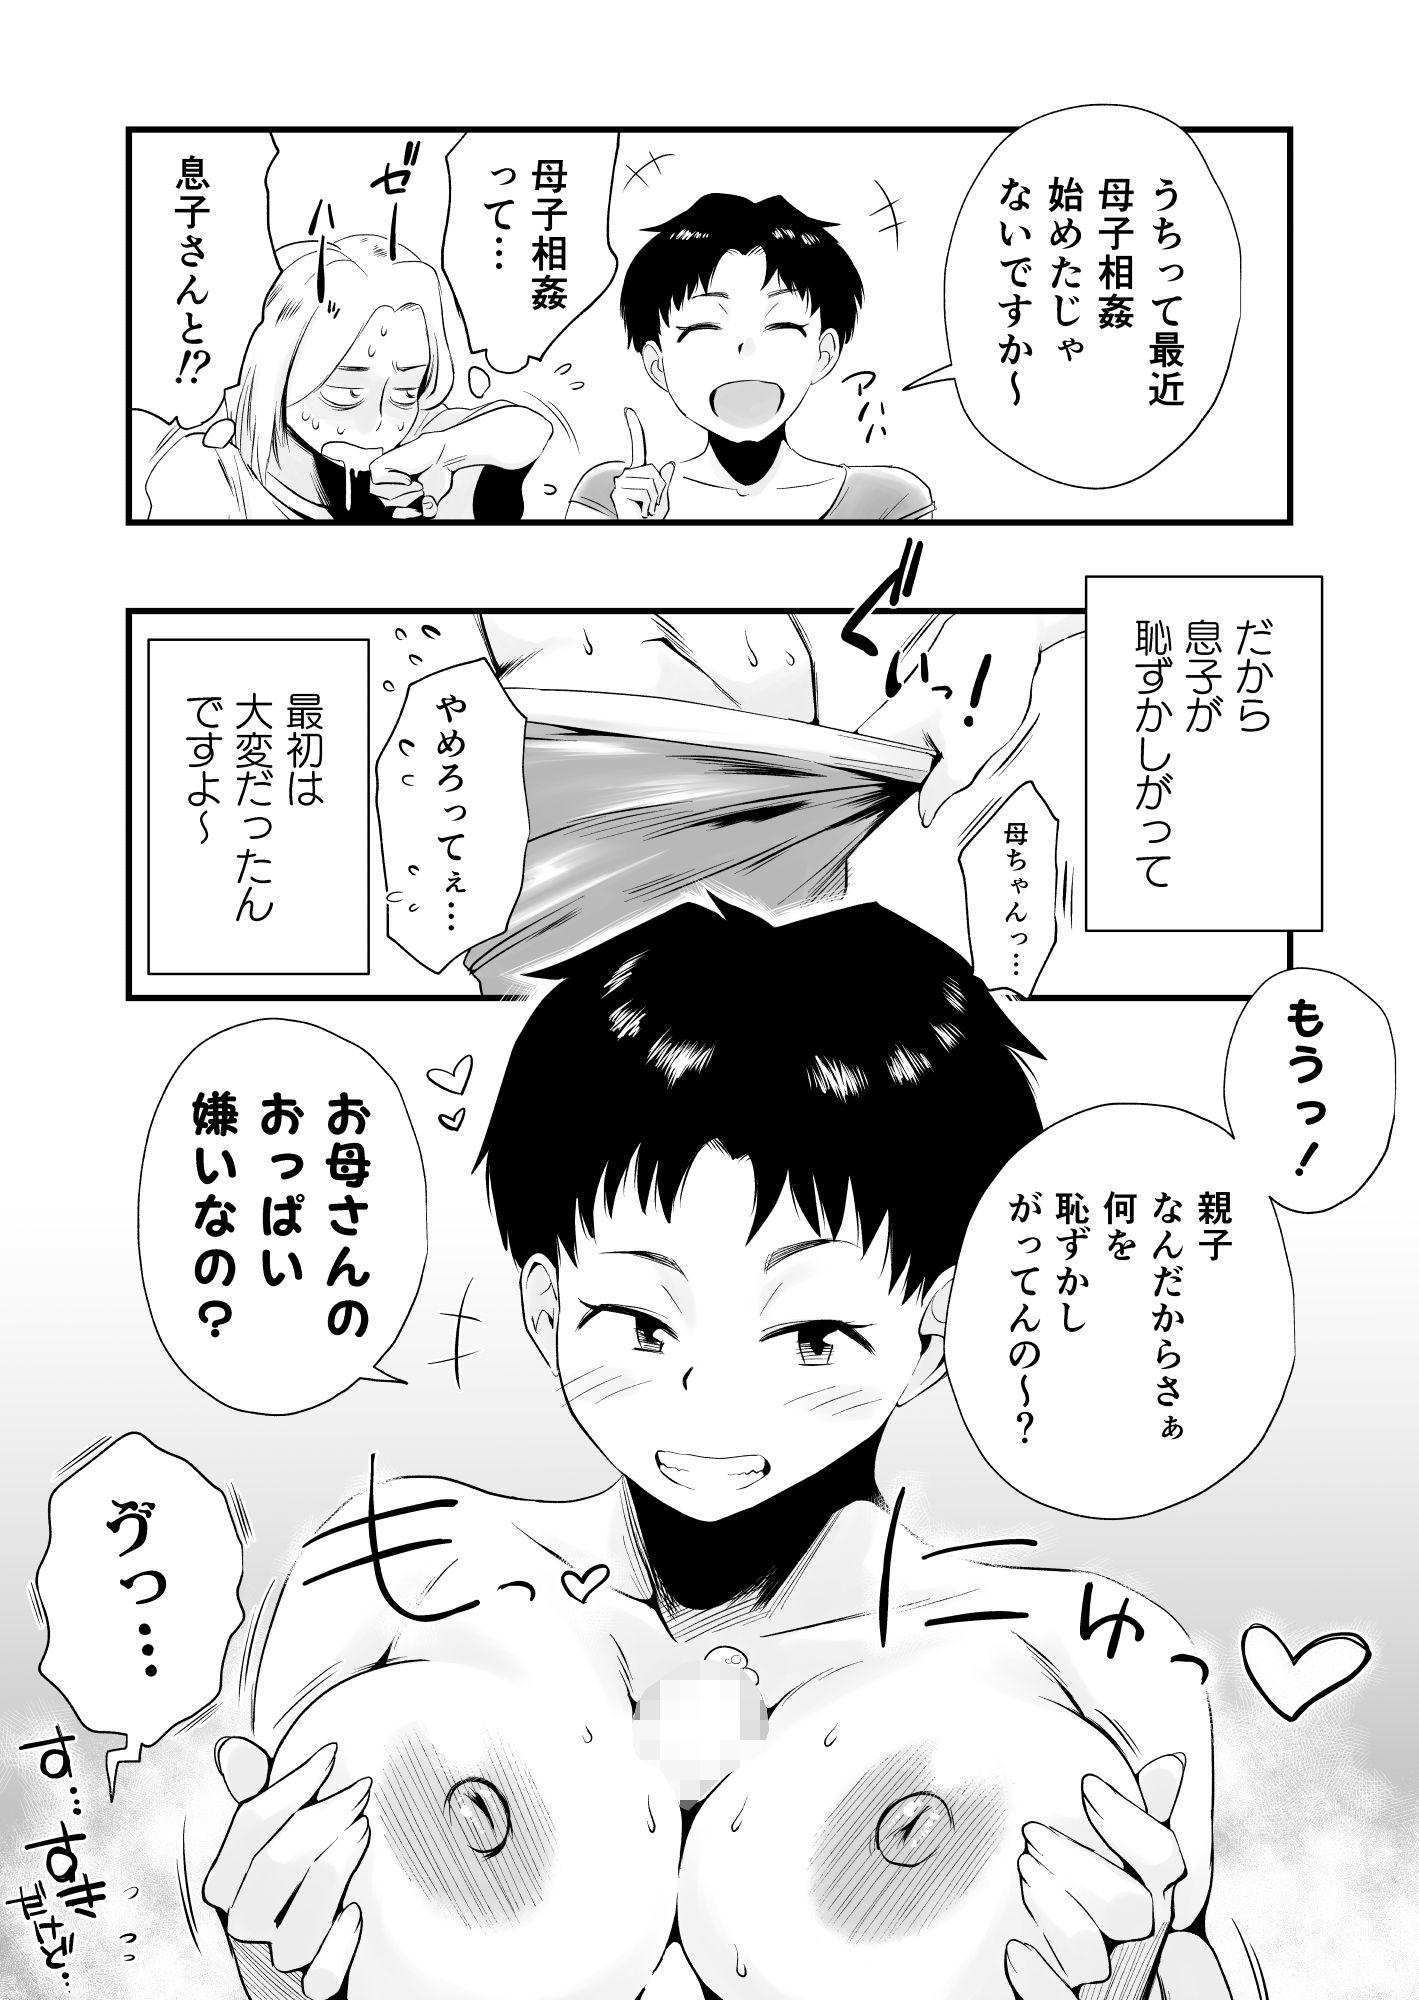 [はいとく先生] どのママが好き?~山口家の場合~ サンプル画像 09